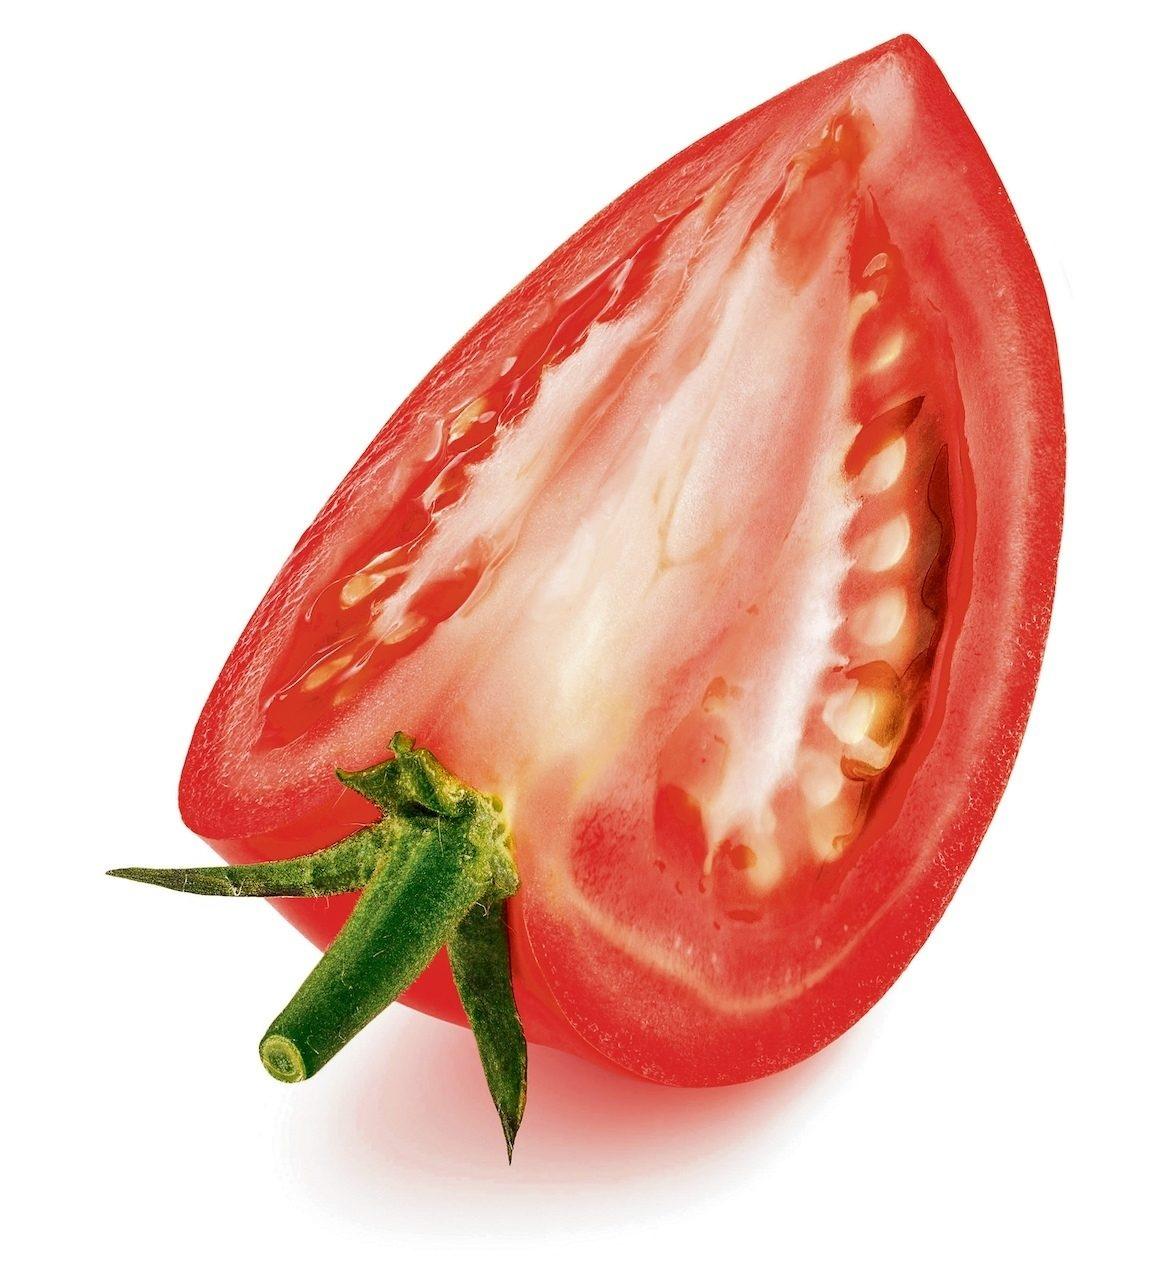 tomaten selber ziehen so gelingt s bestimmt. Black Bedroom Furniture Sets. Home Design Ideas